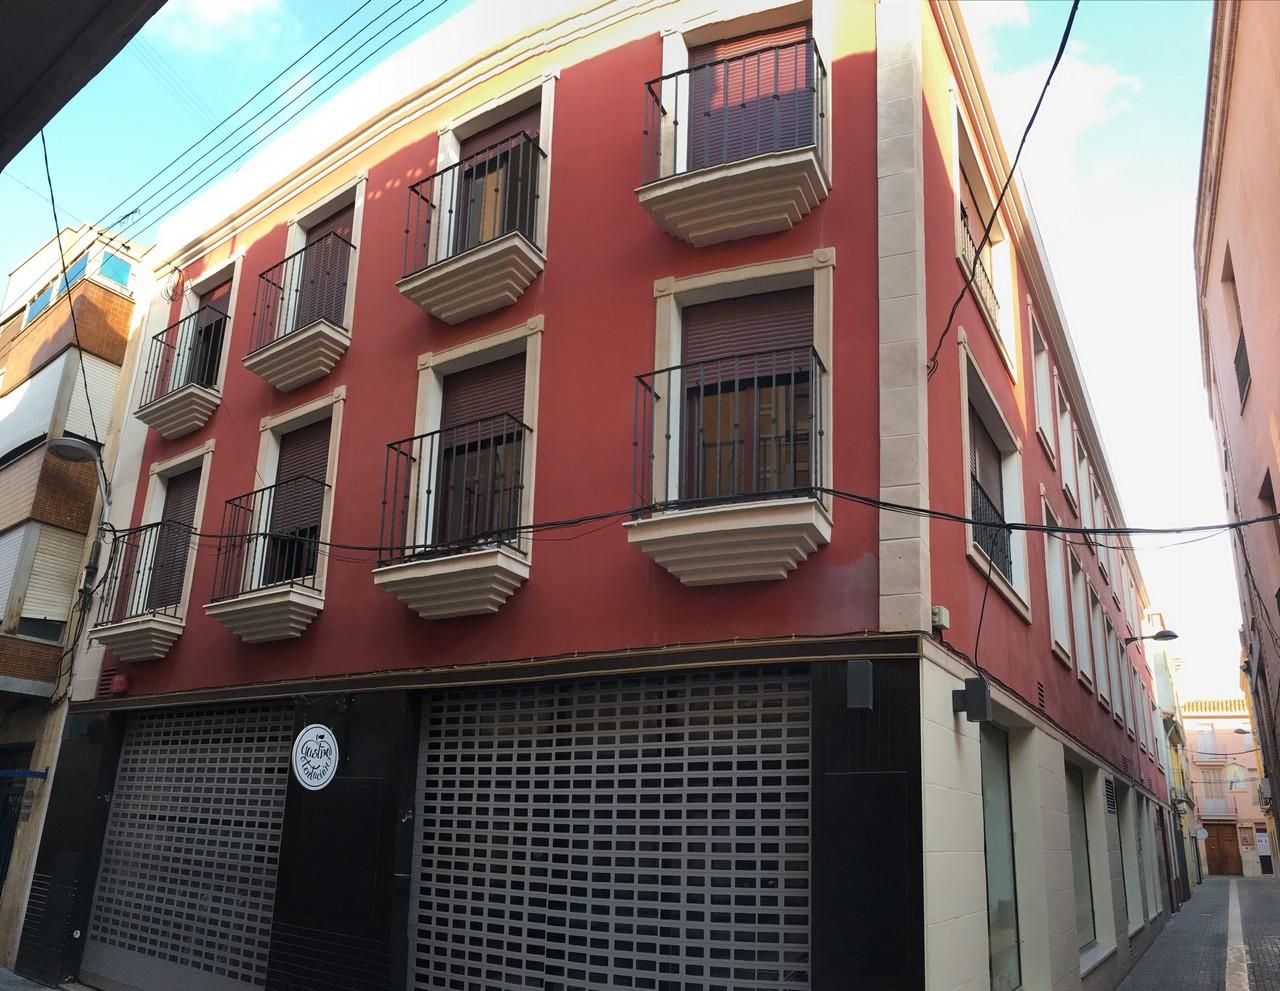 8 VIVIENDAS EN CALLE MAYOR SANTO DOMINGO DE VILLARREAL